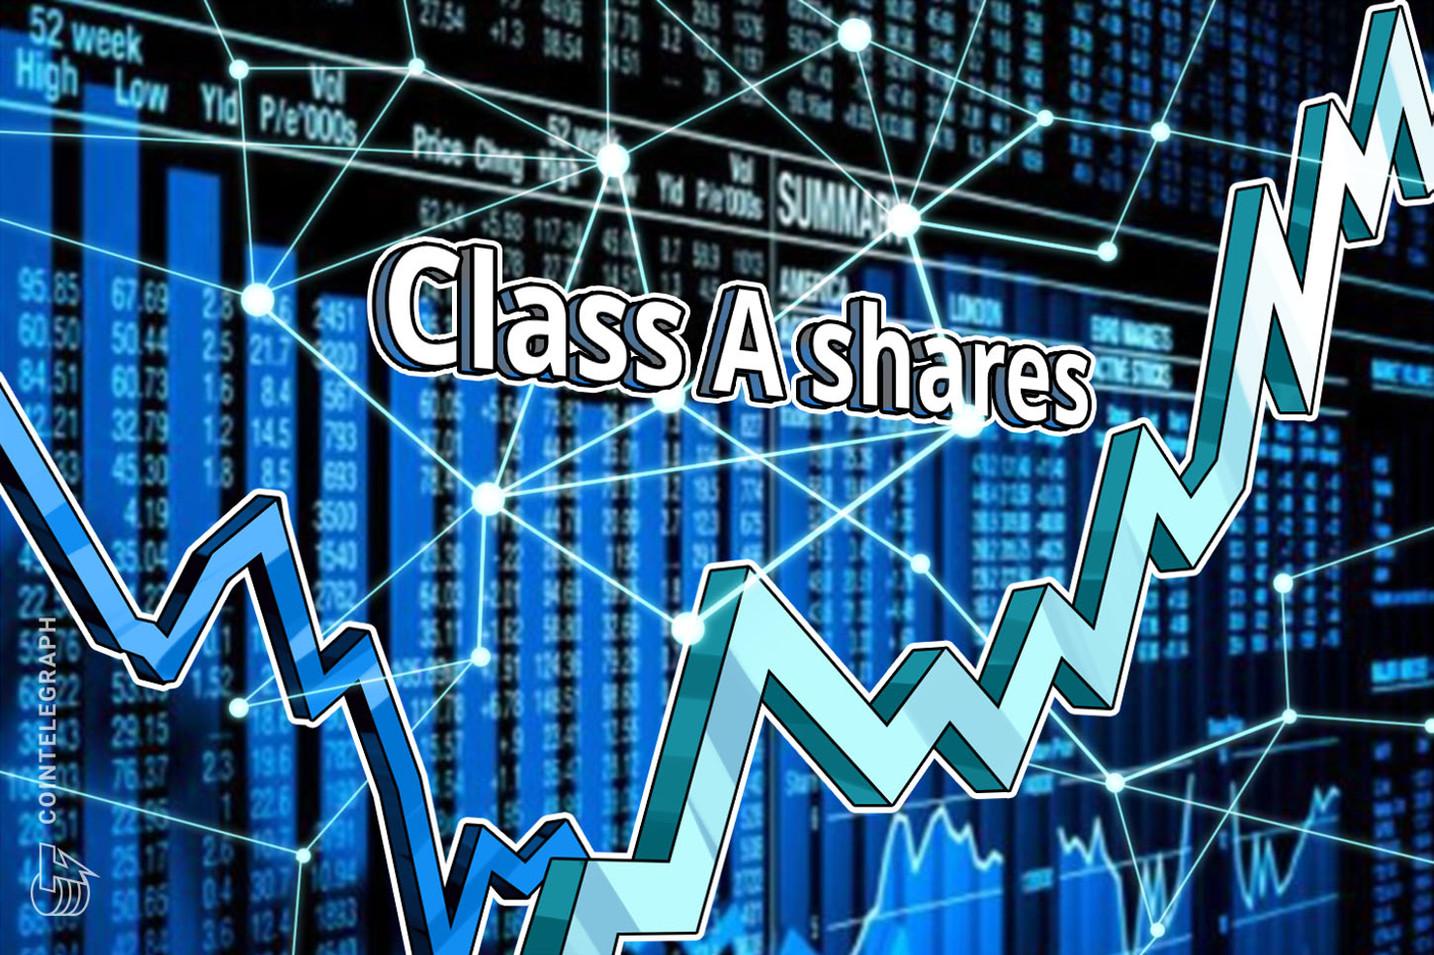 中国のブロックチェーン関連株がストップ高 習主席の発言を受け【ニュース】